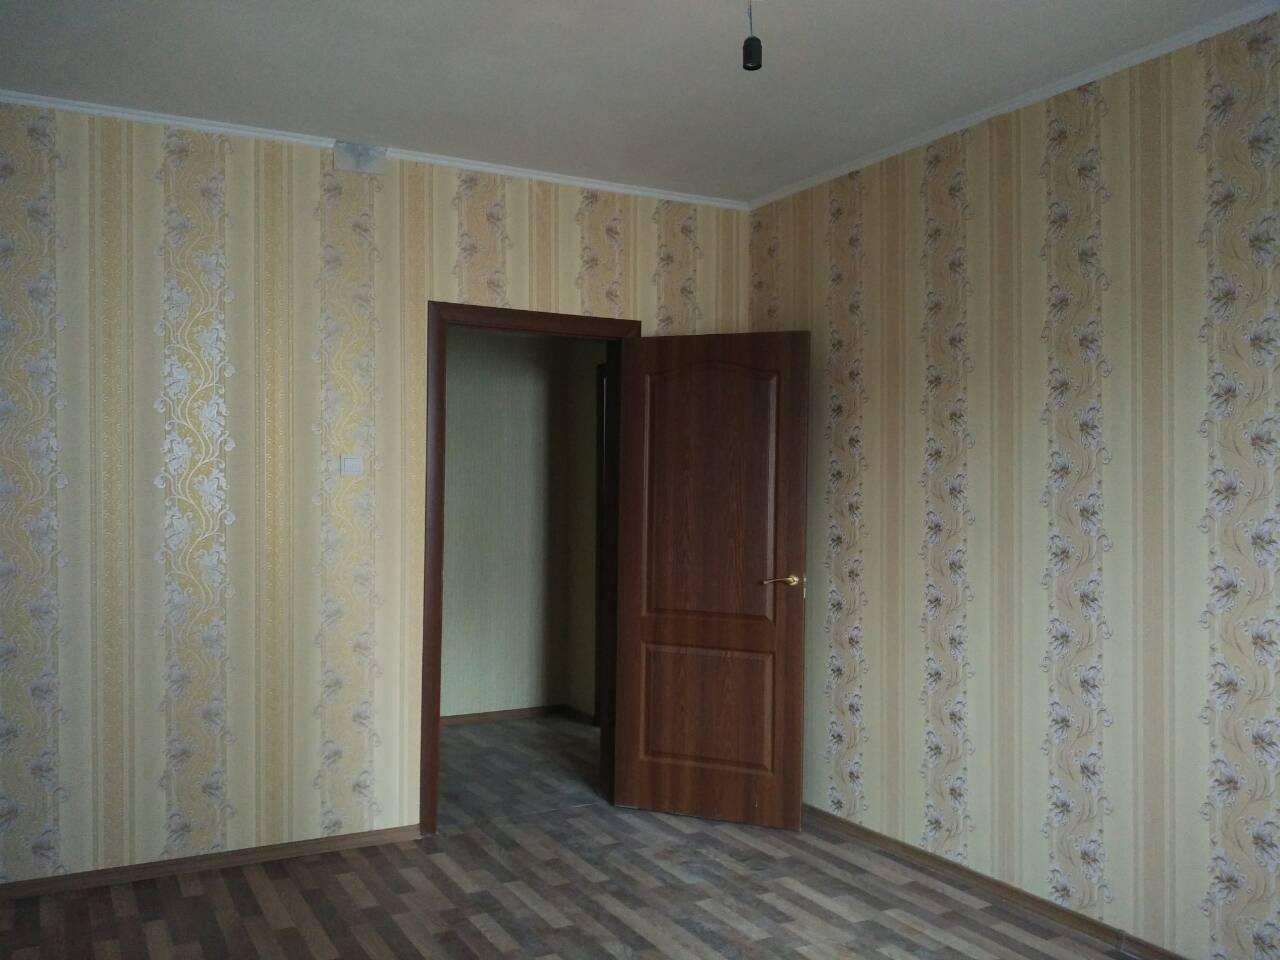 Продам квартиру Киев, Чавдар Елизаветы ул. 5